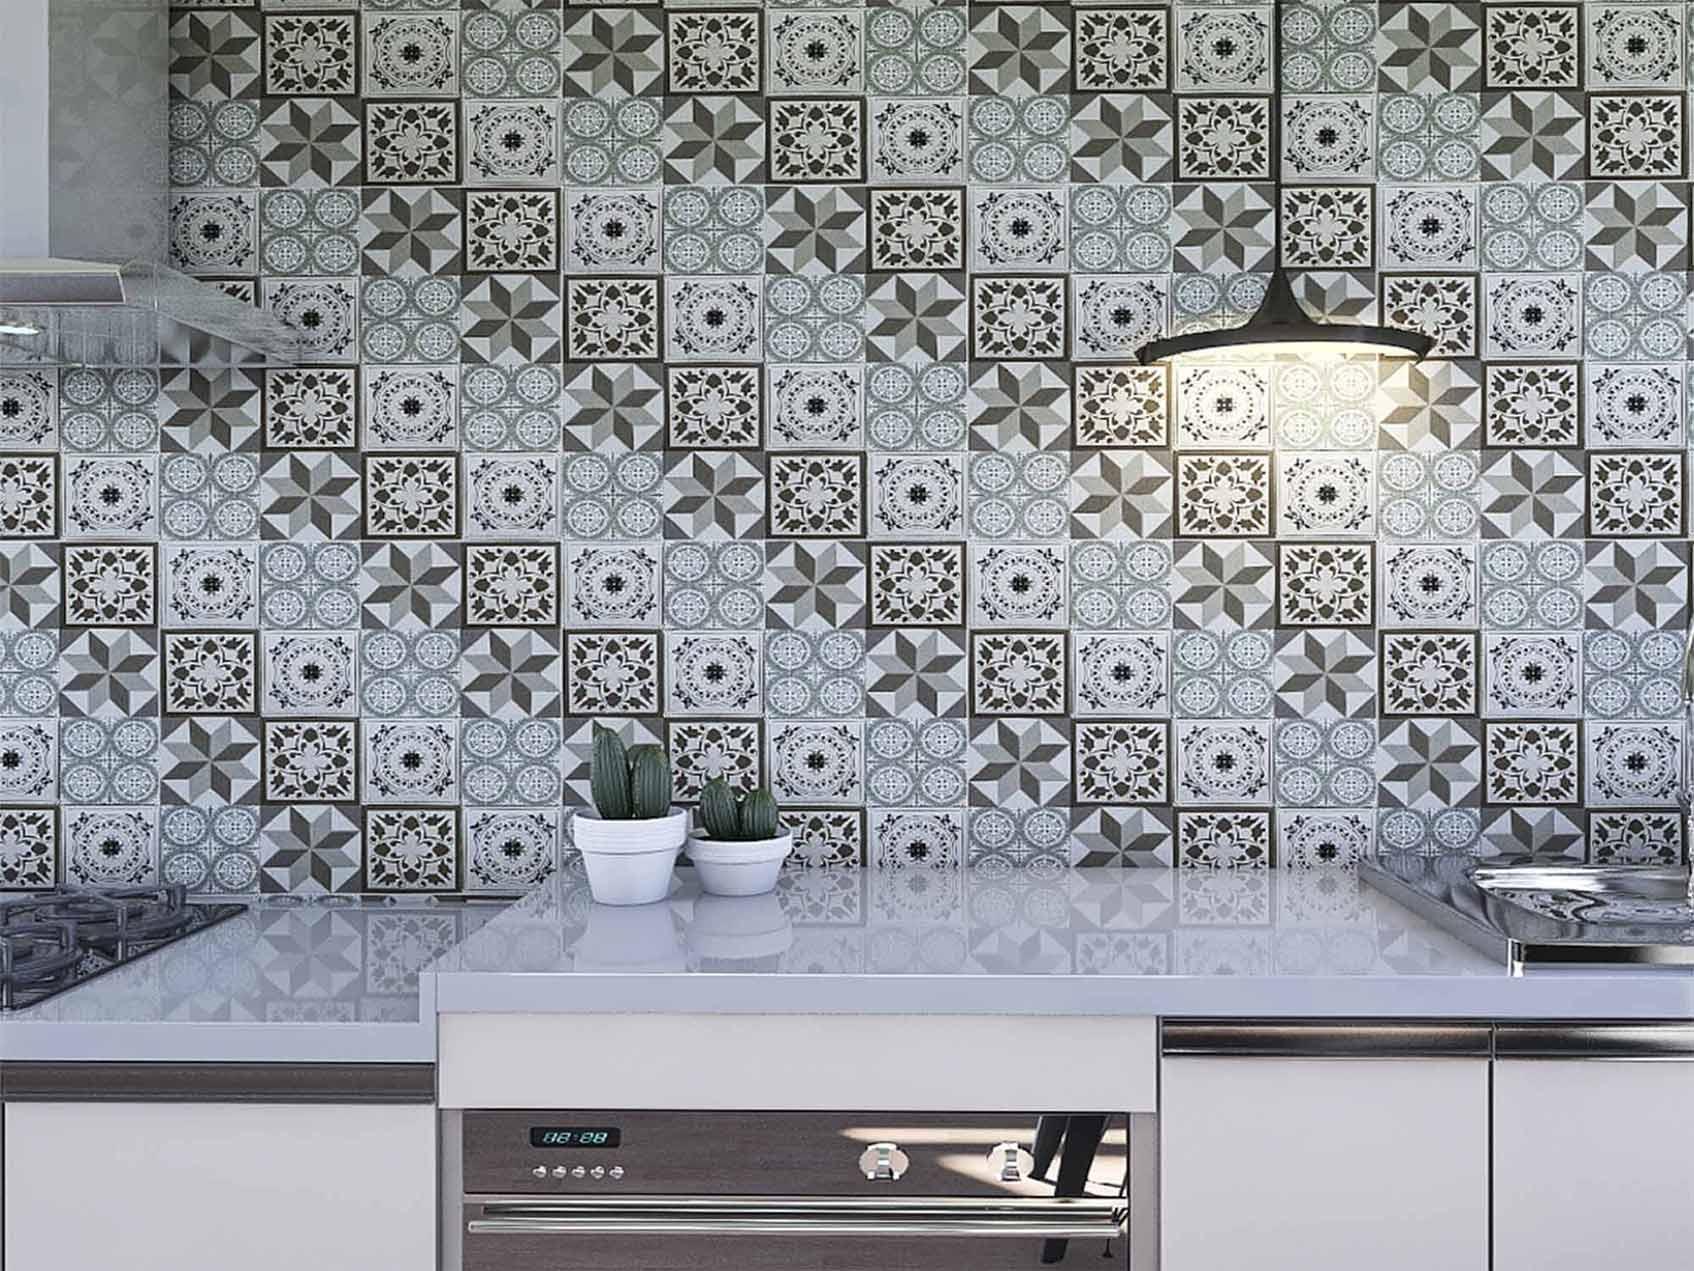 Papel de Parede para Cozinha Azulejos 0046 - PROMOÇÃO